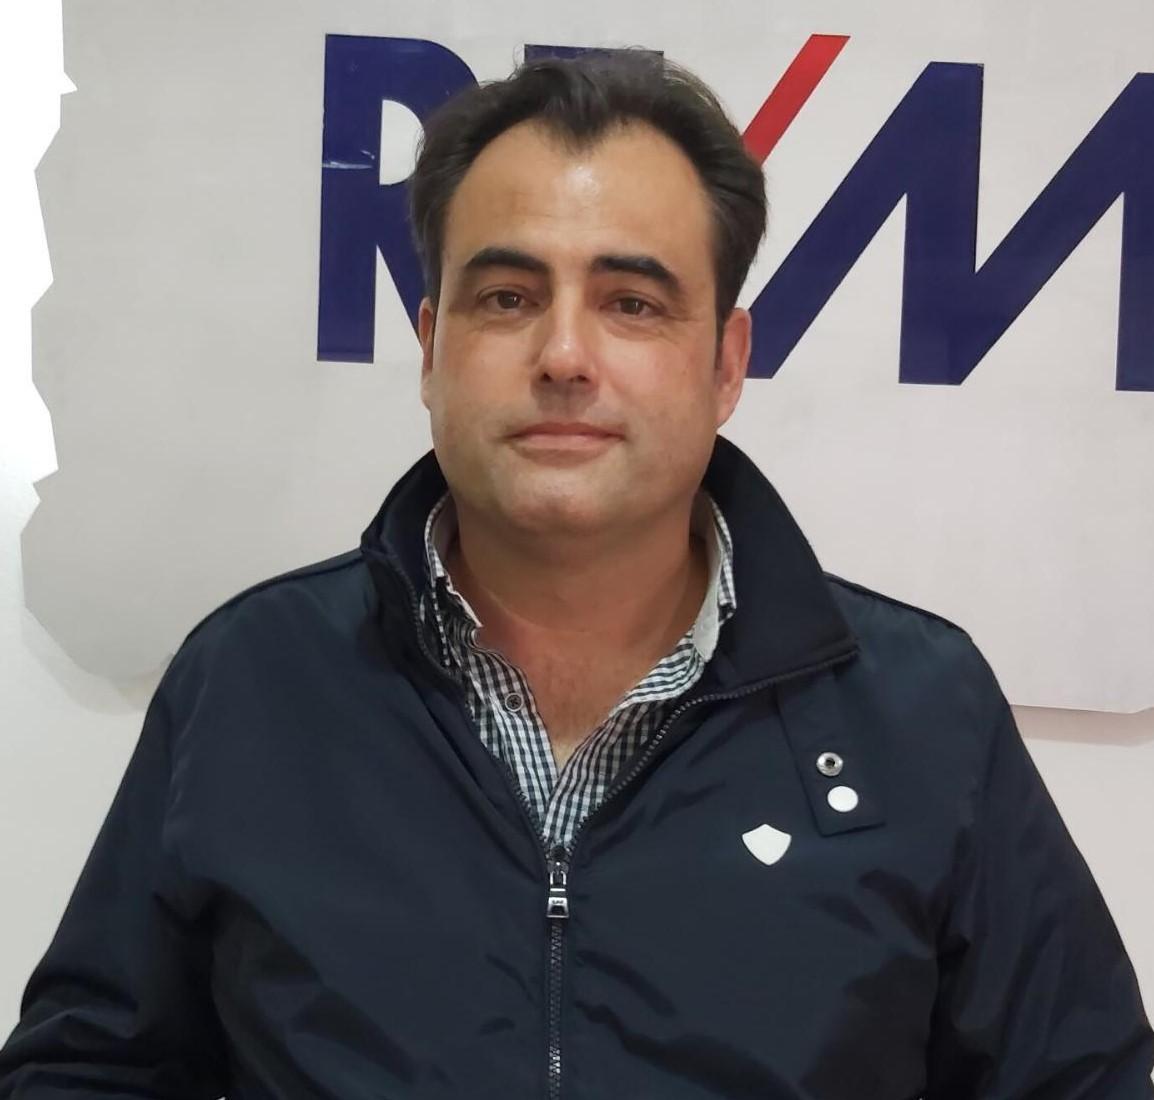 José Irles